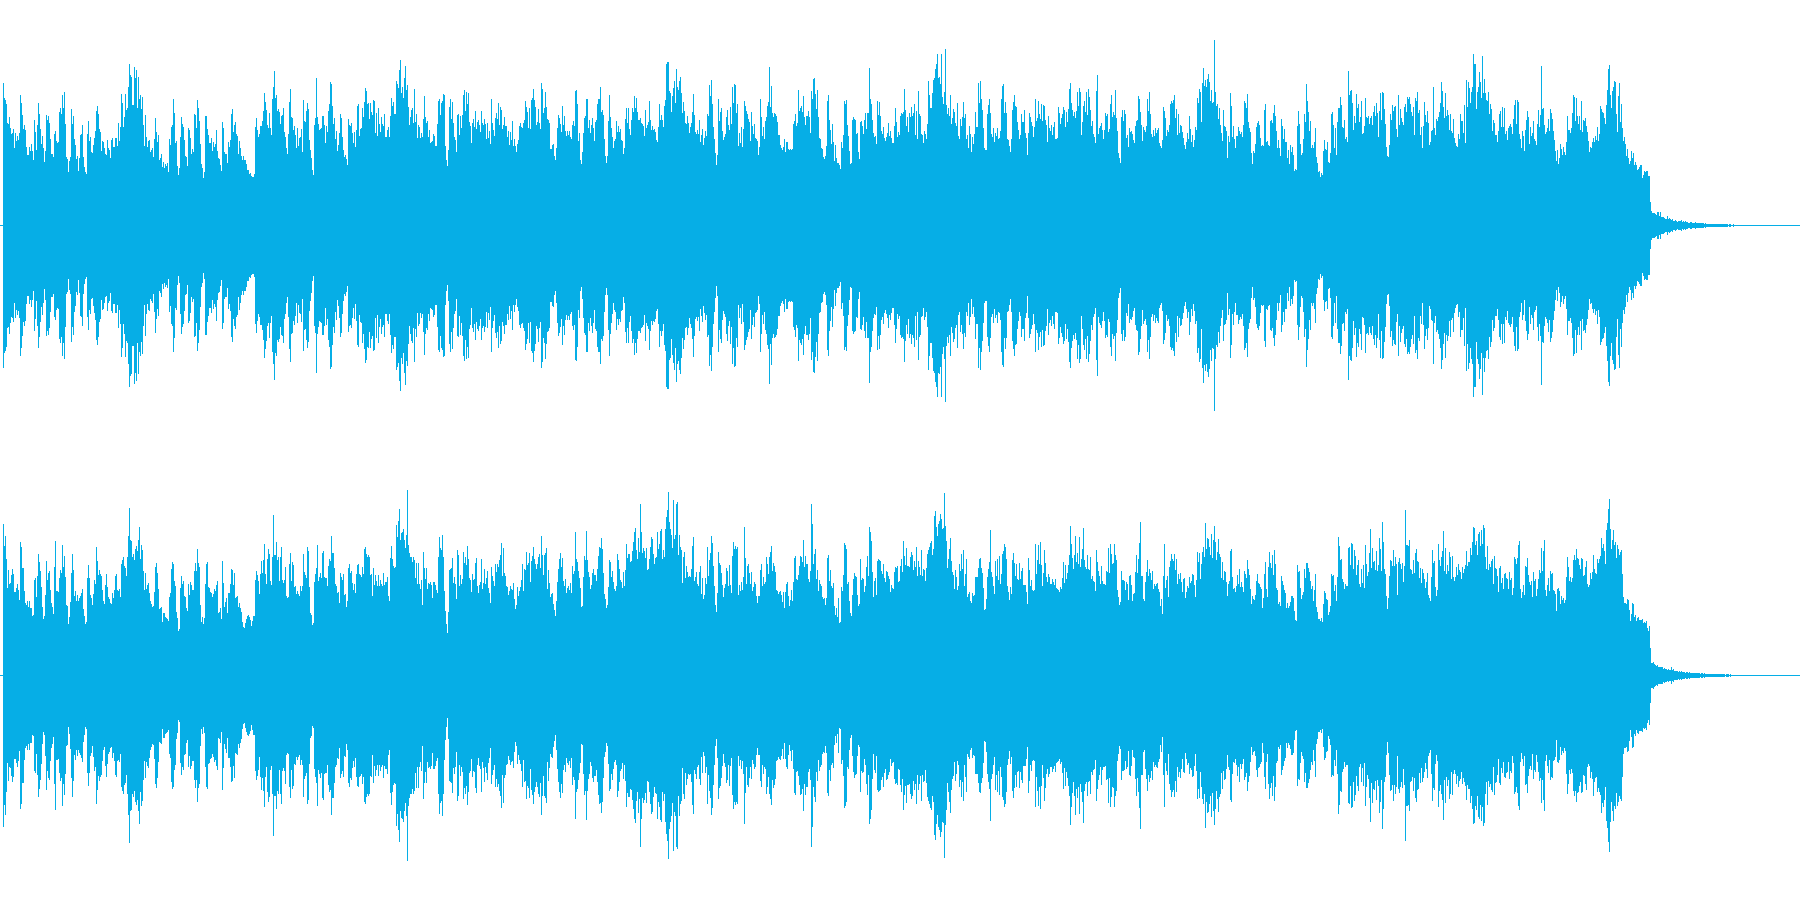 ギターが印象的なスローロックの再生済みの波形